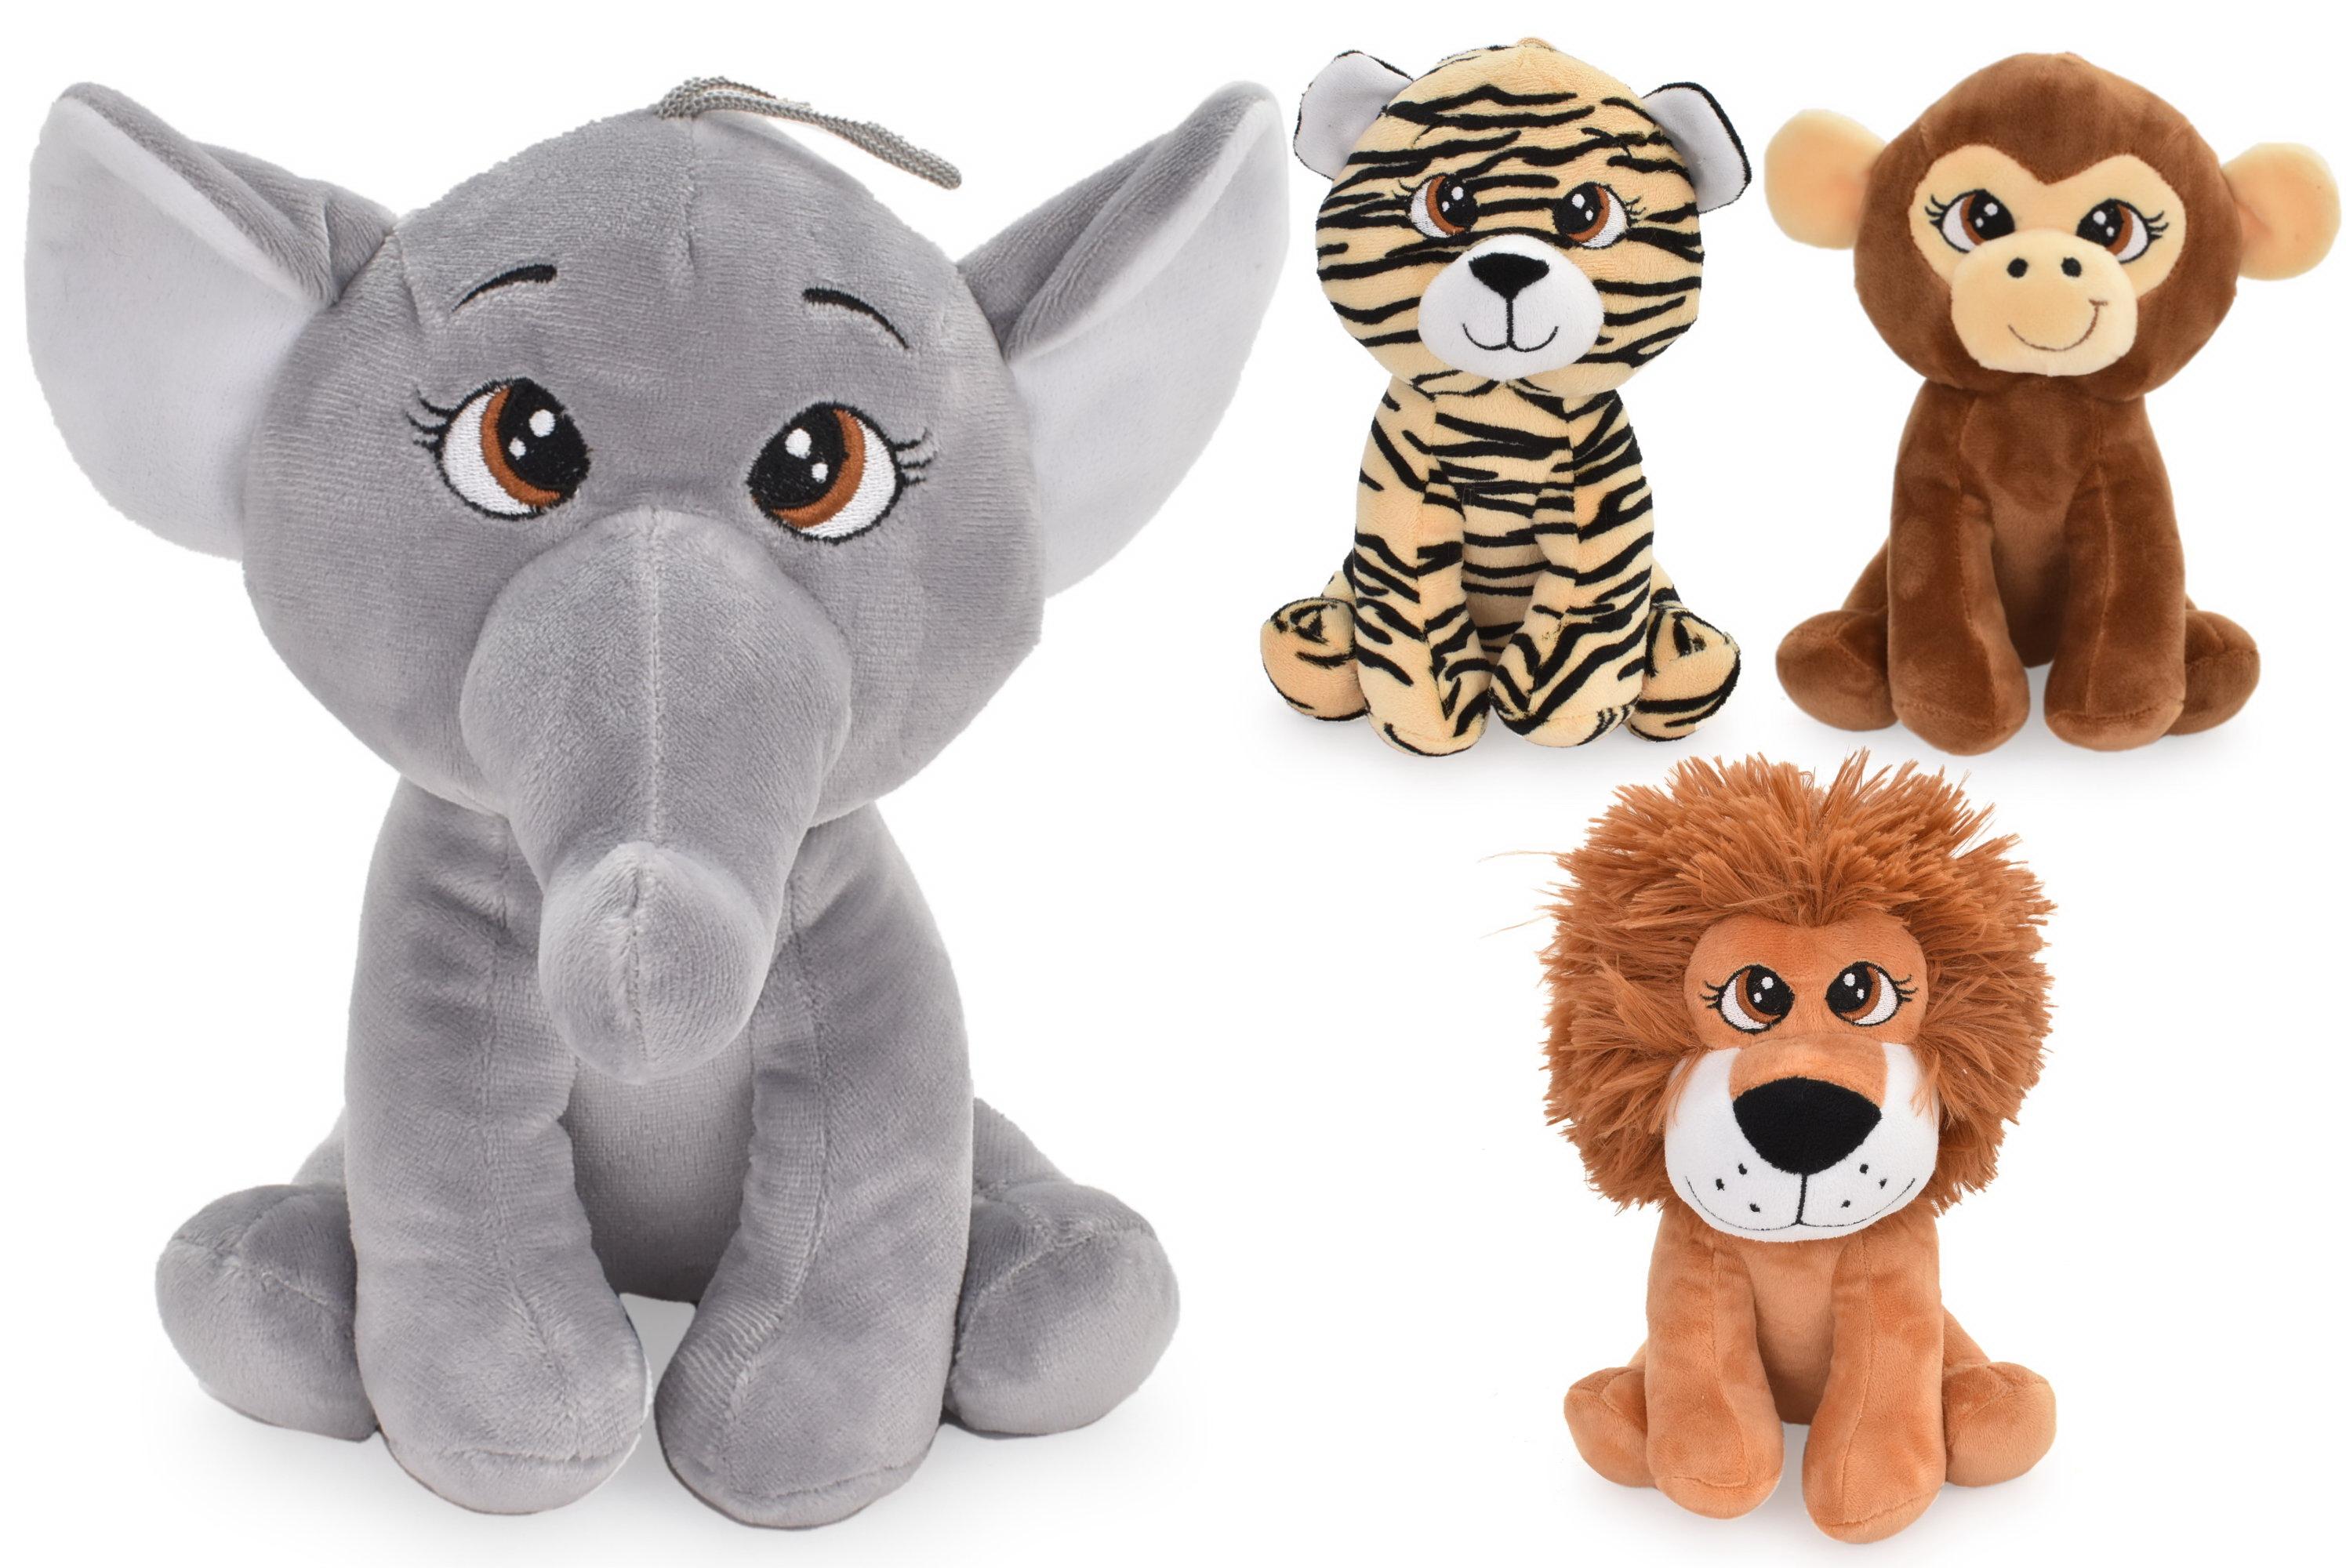 20cm Plush Wild Life Animals - 4 Assorted Designs